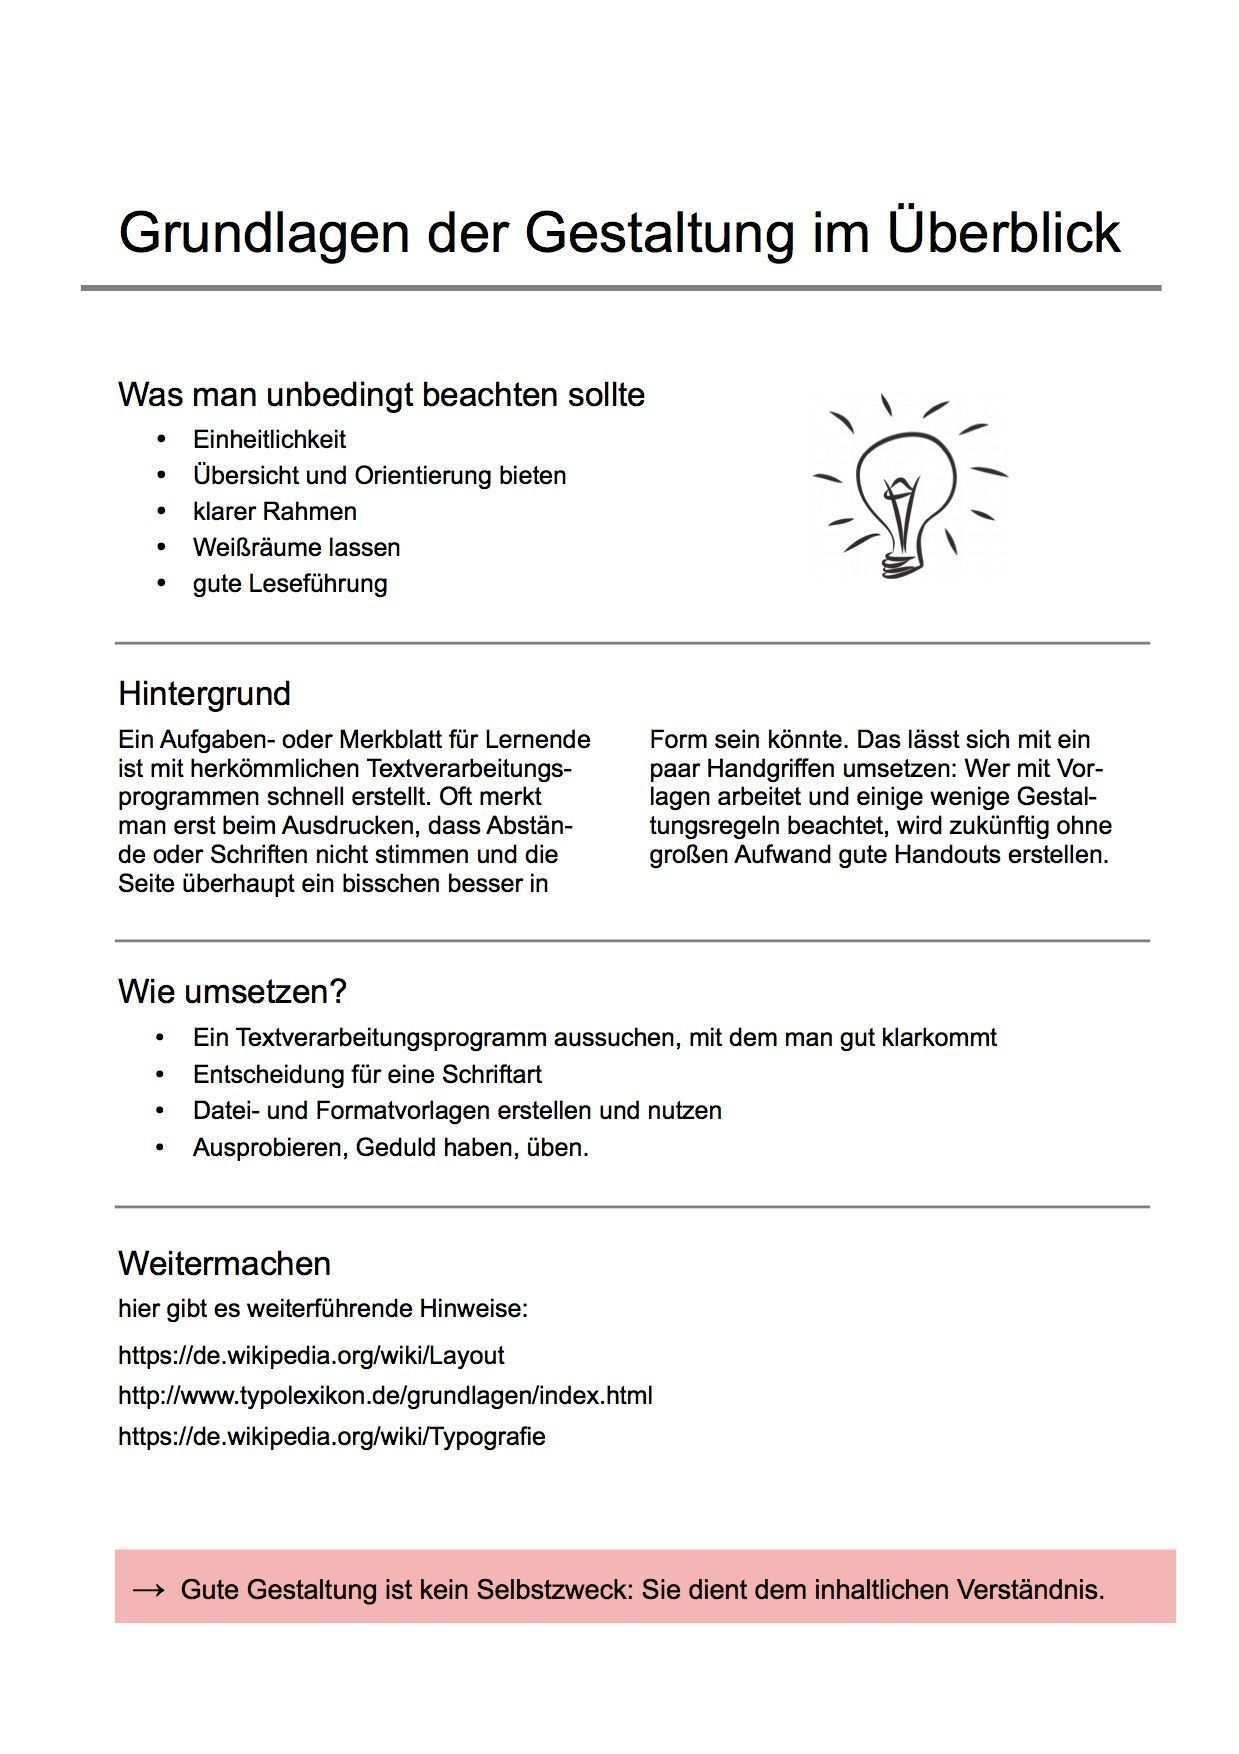 Ausbildung Ausbildung Vorlagehandout Vorlagen Word Handout Lebenslauf Vorlagen Word